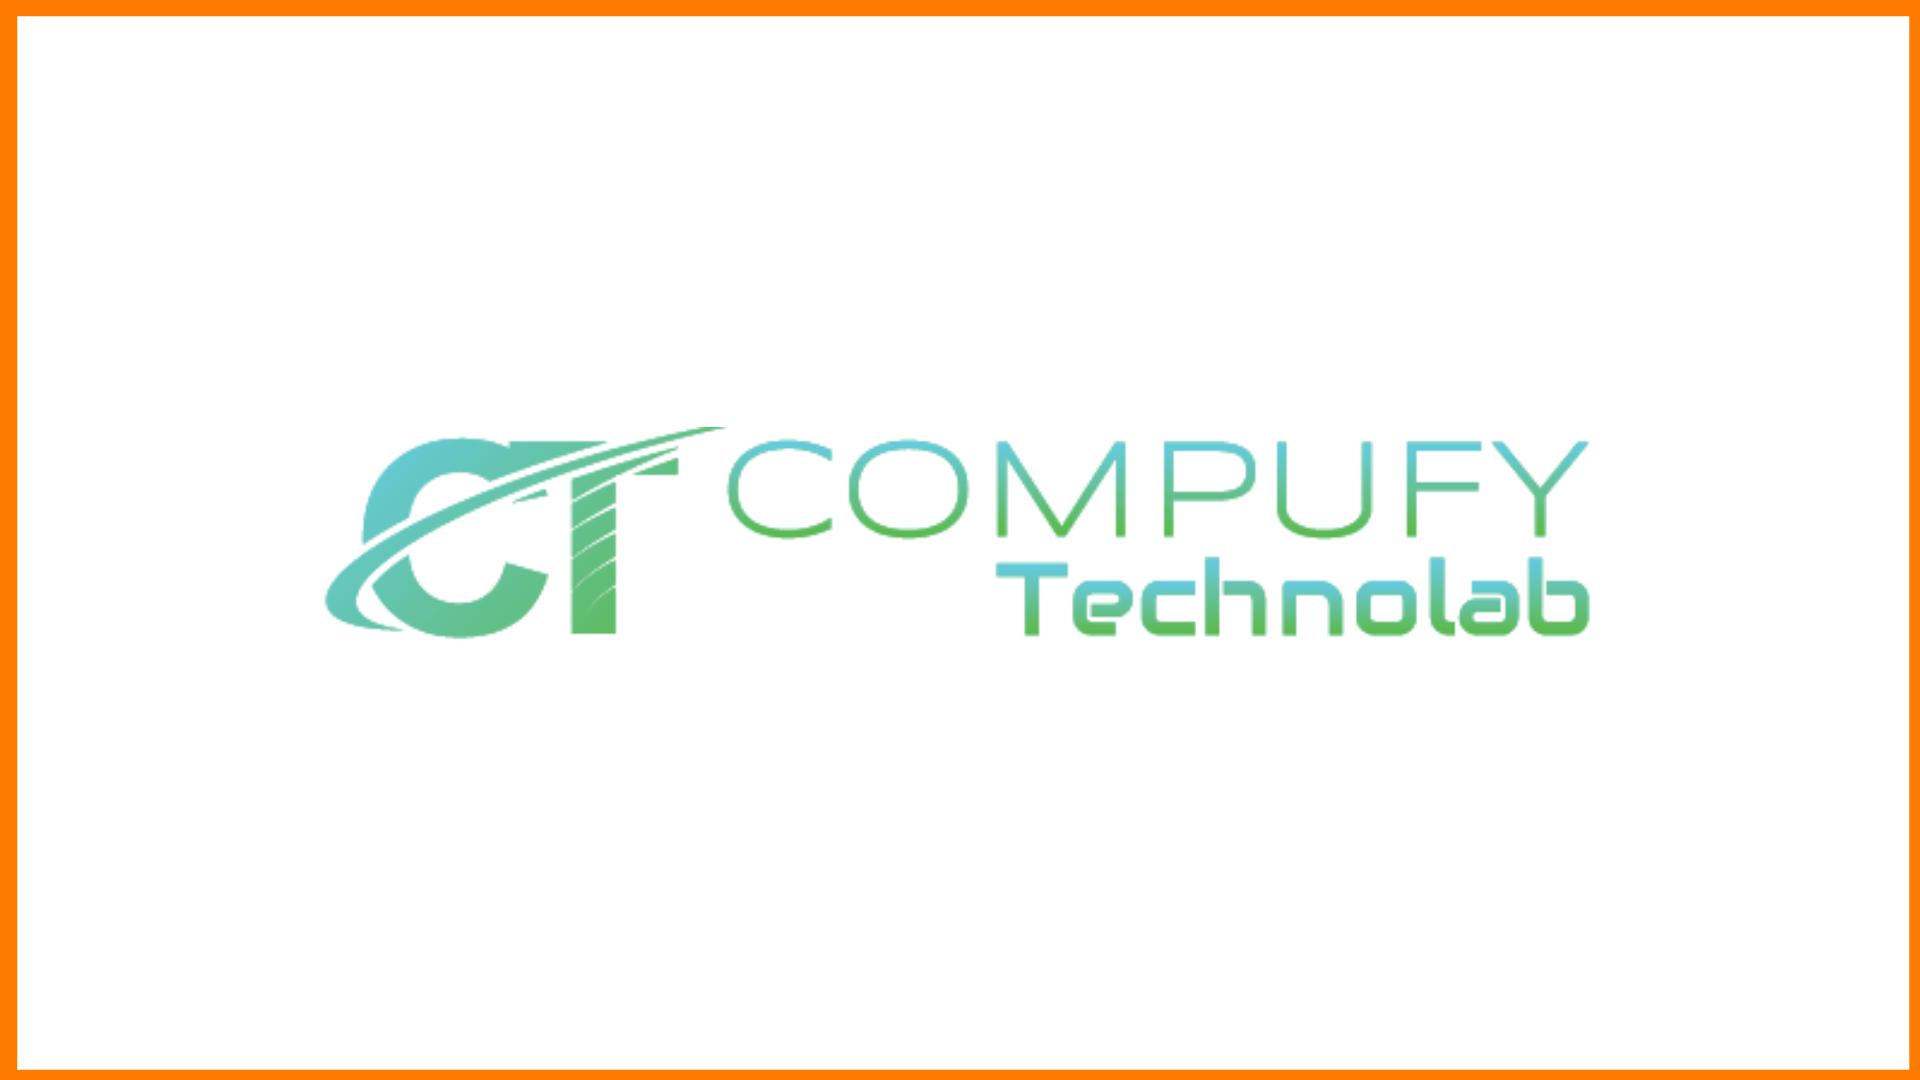 Compufy Technolab Logo